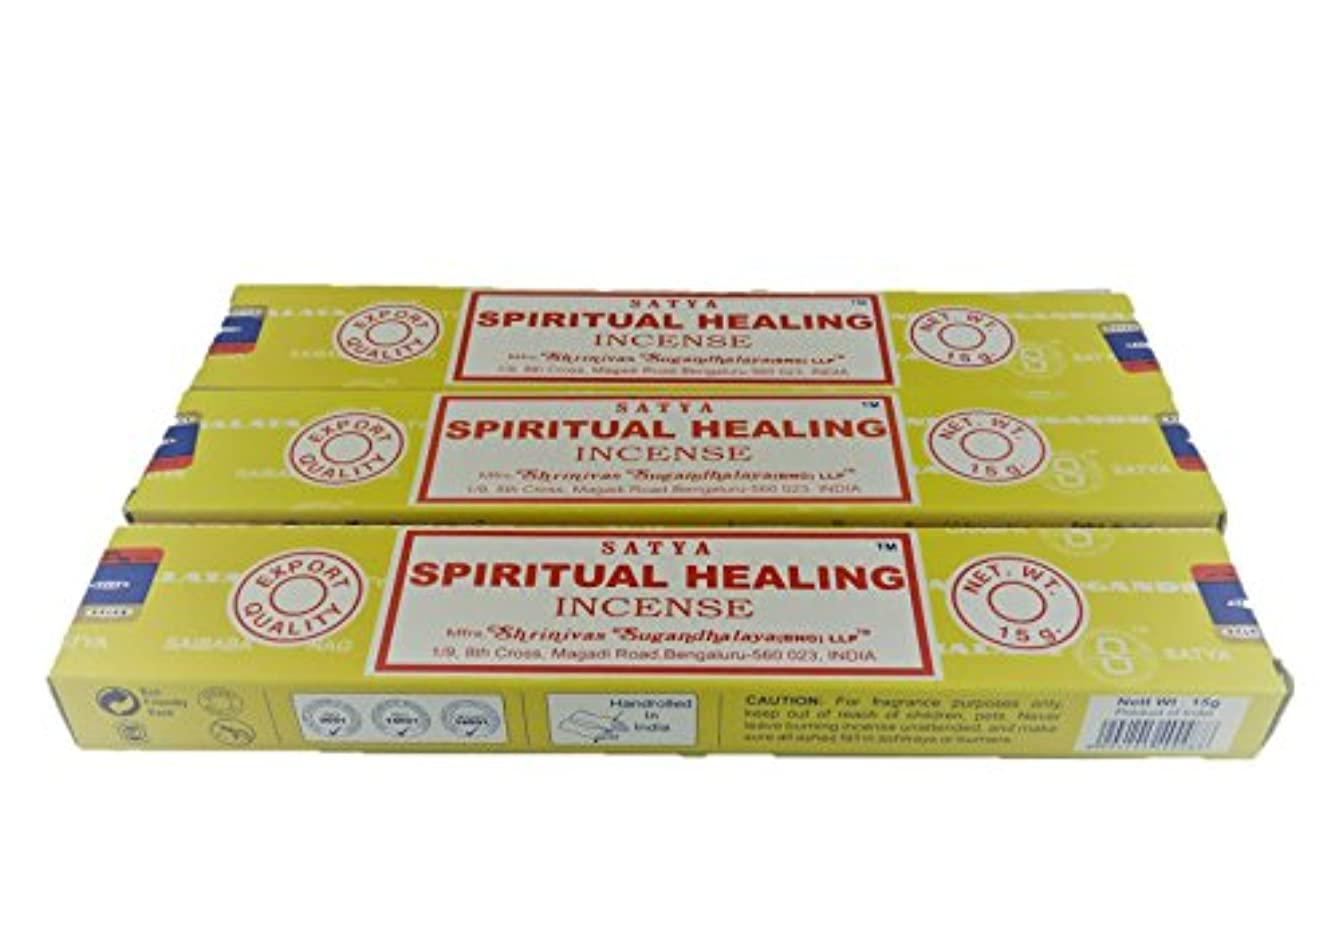 浪費飽和する色合いSatya スピリチュアルヒーリング(スティックタイプ) 3箱